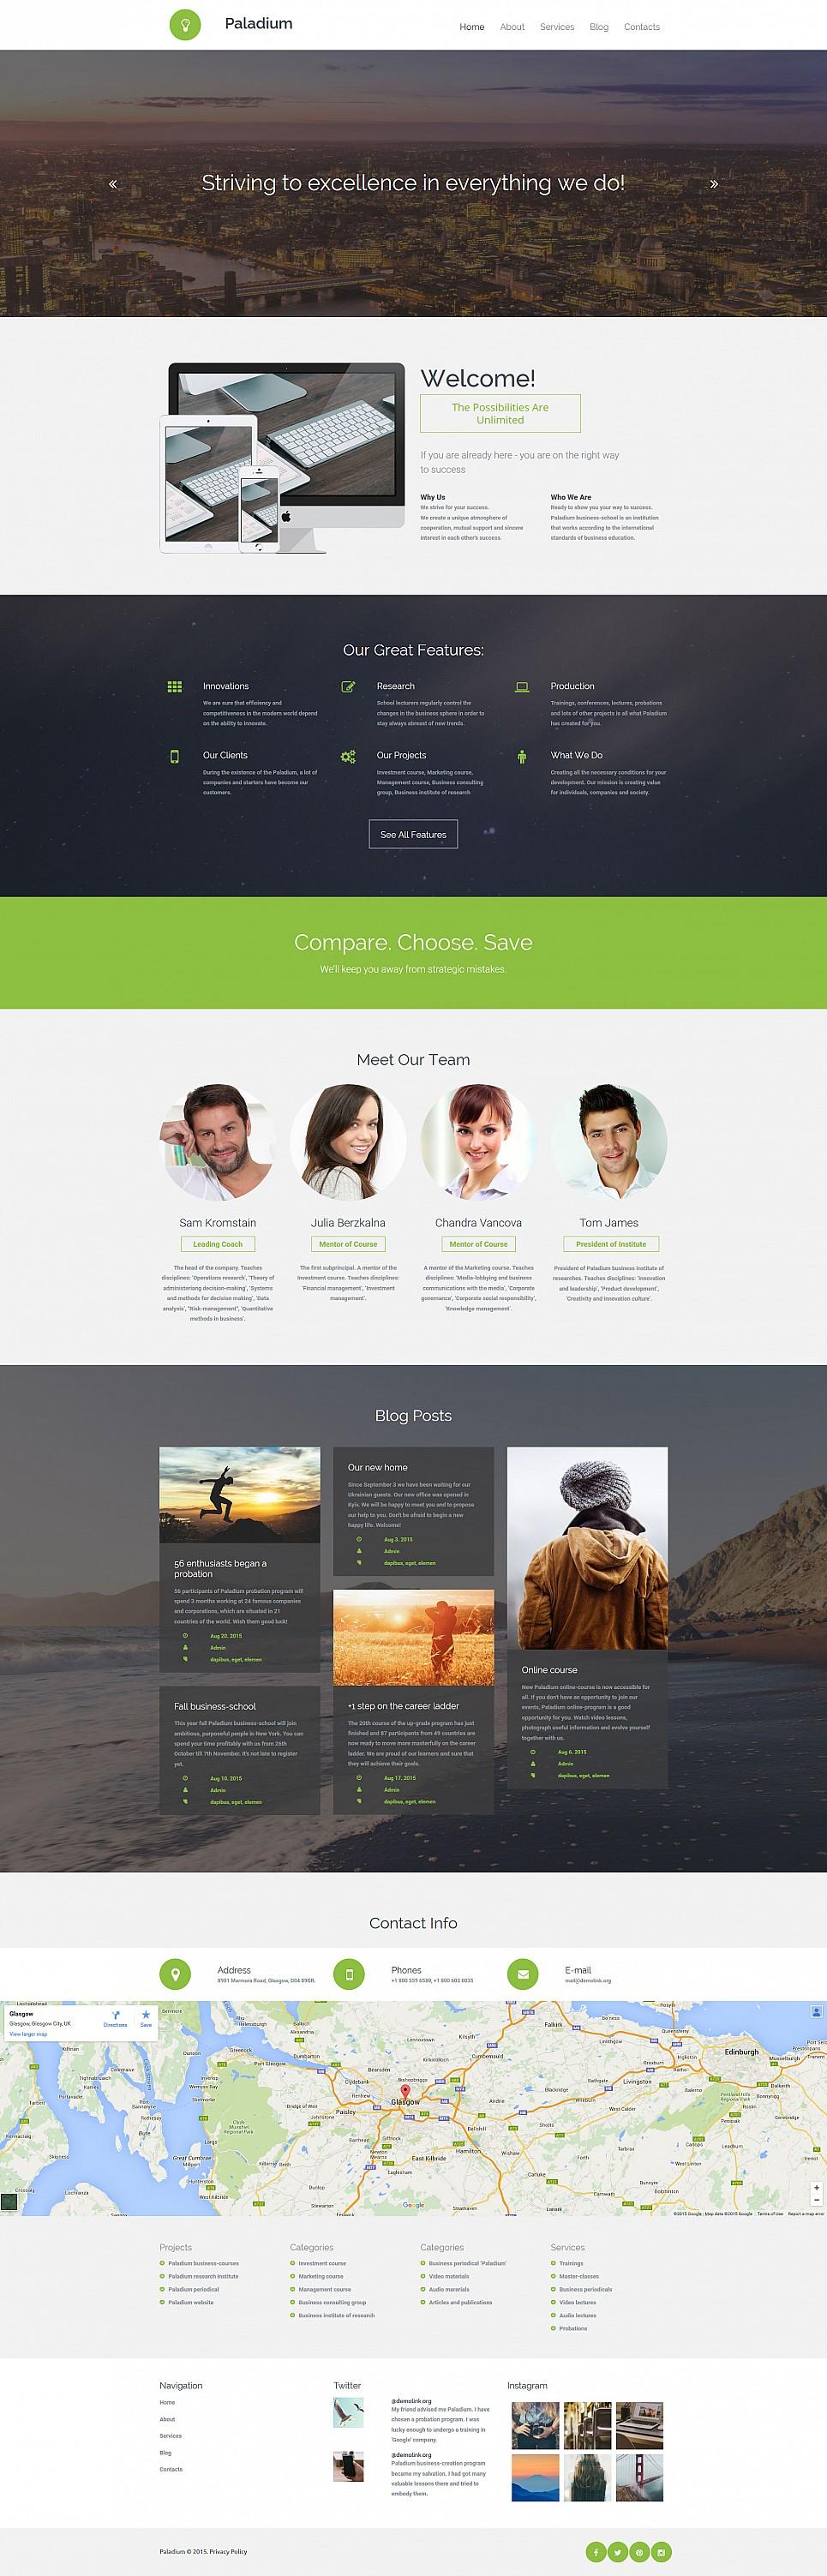 Original corporate site design